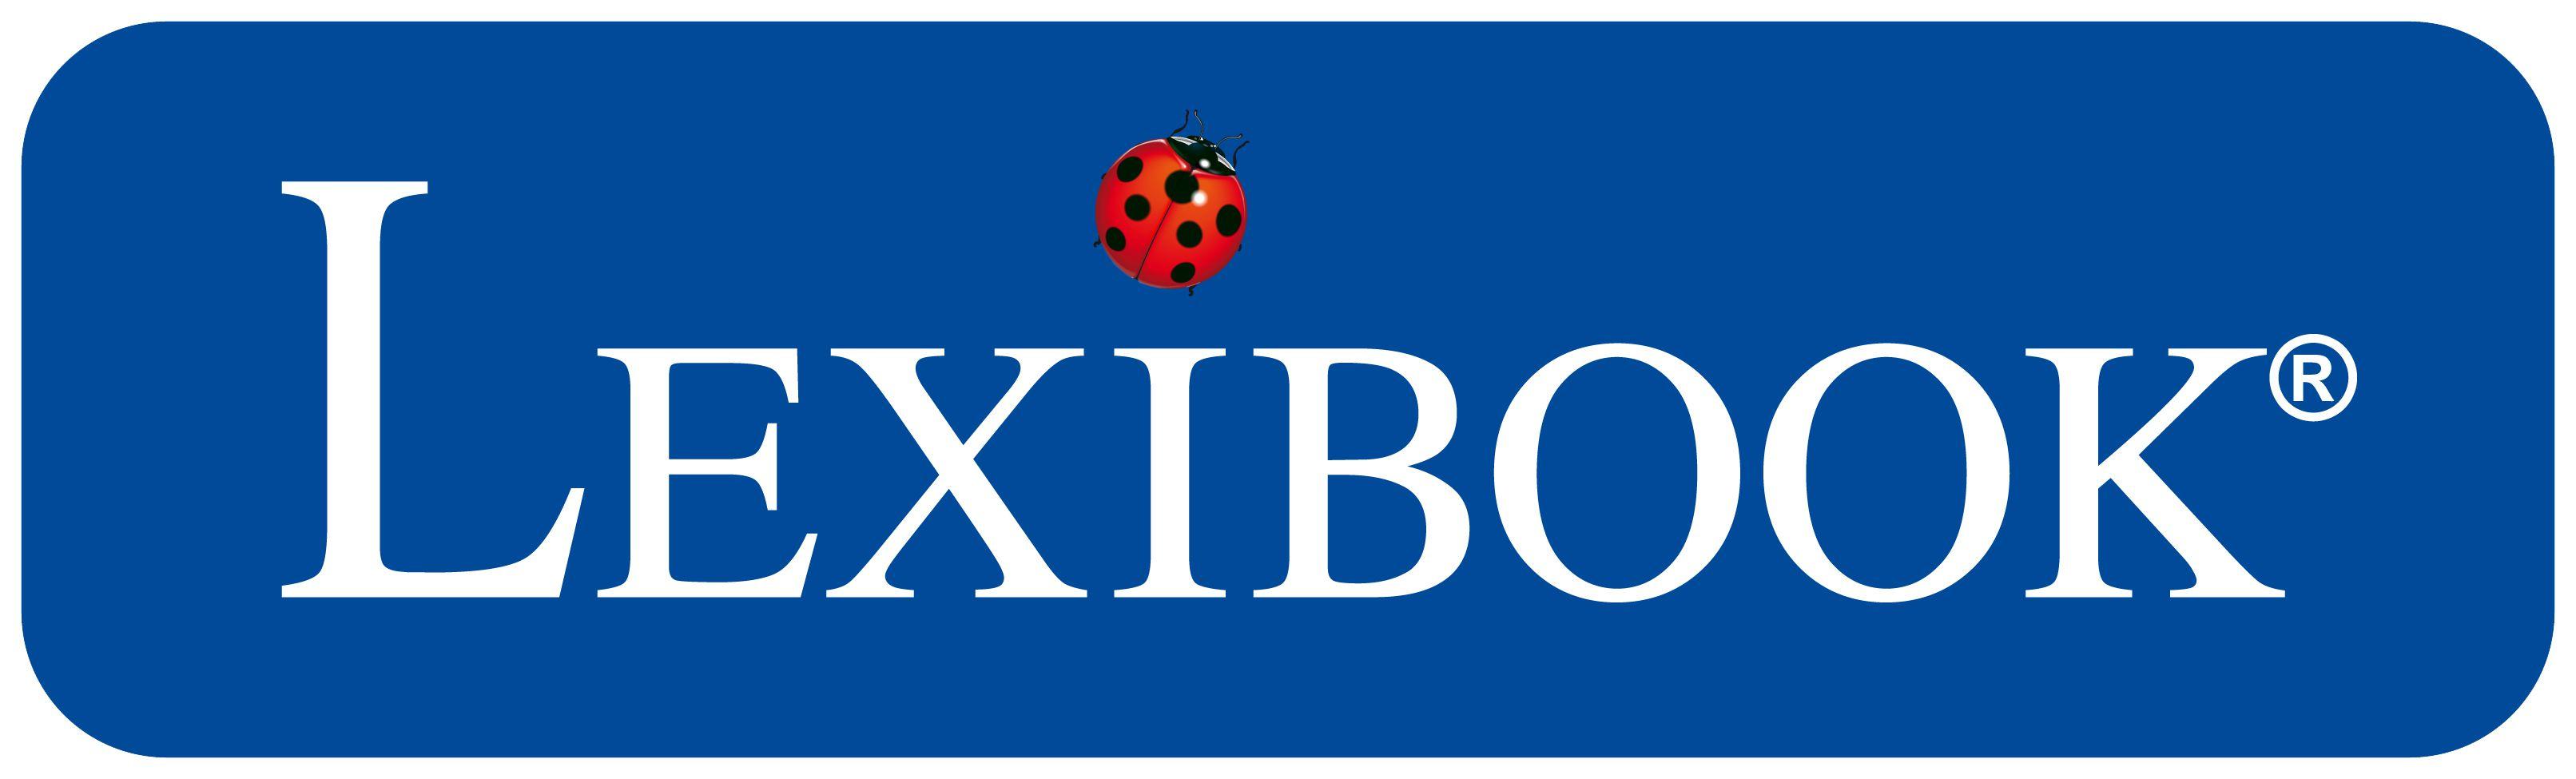 Lexibook achat vente produits lexibook pas cher cdiscount - Console de jeux lexibook ...